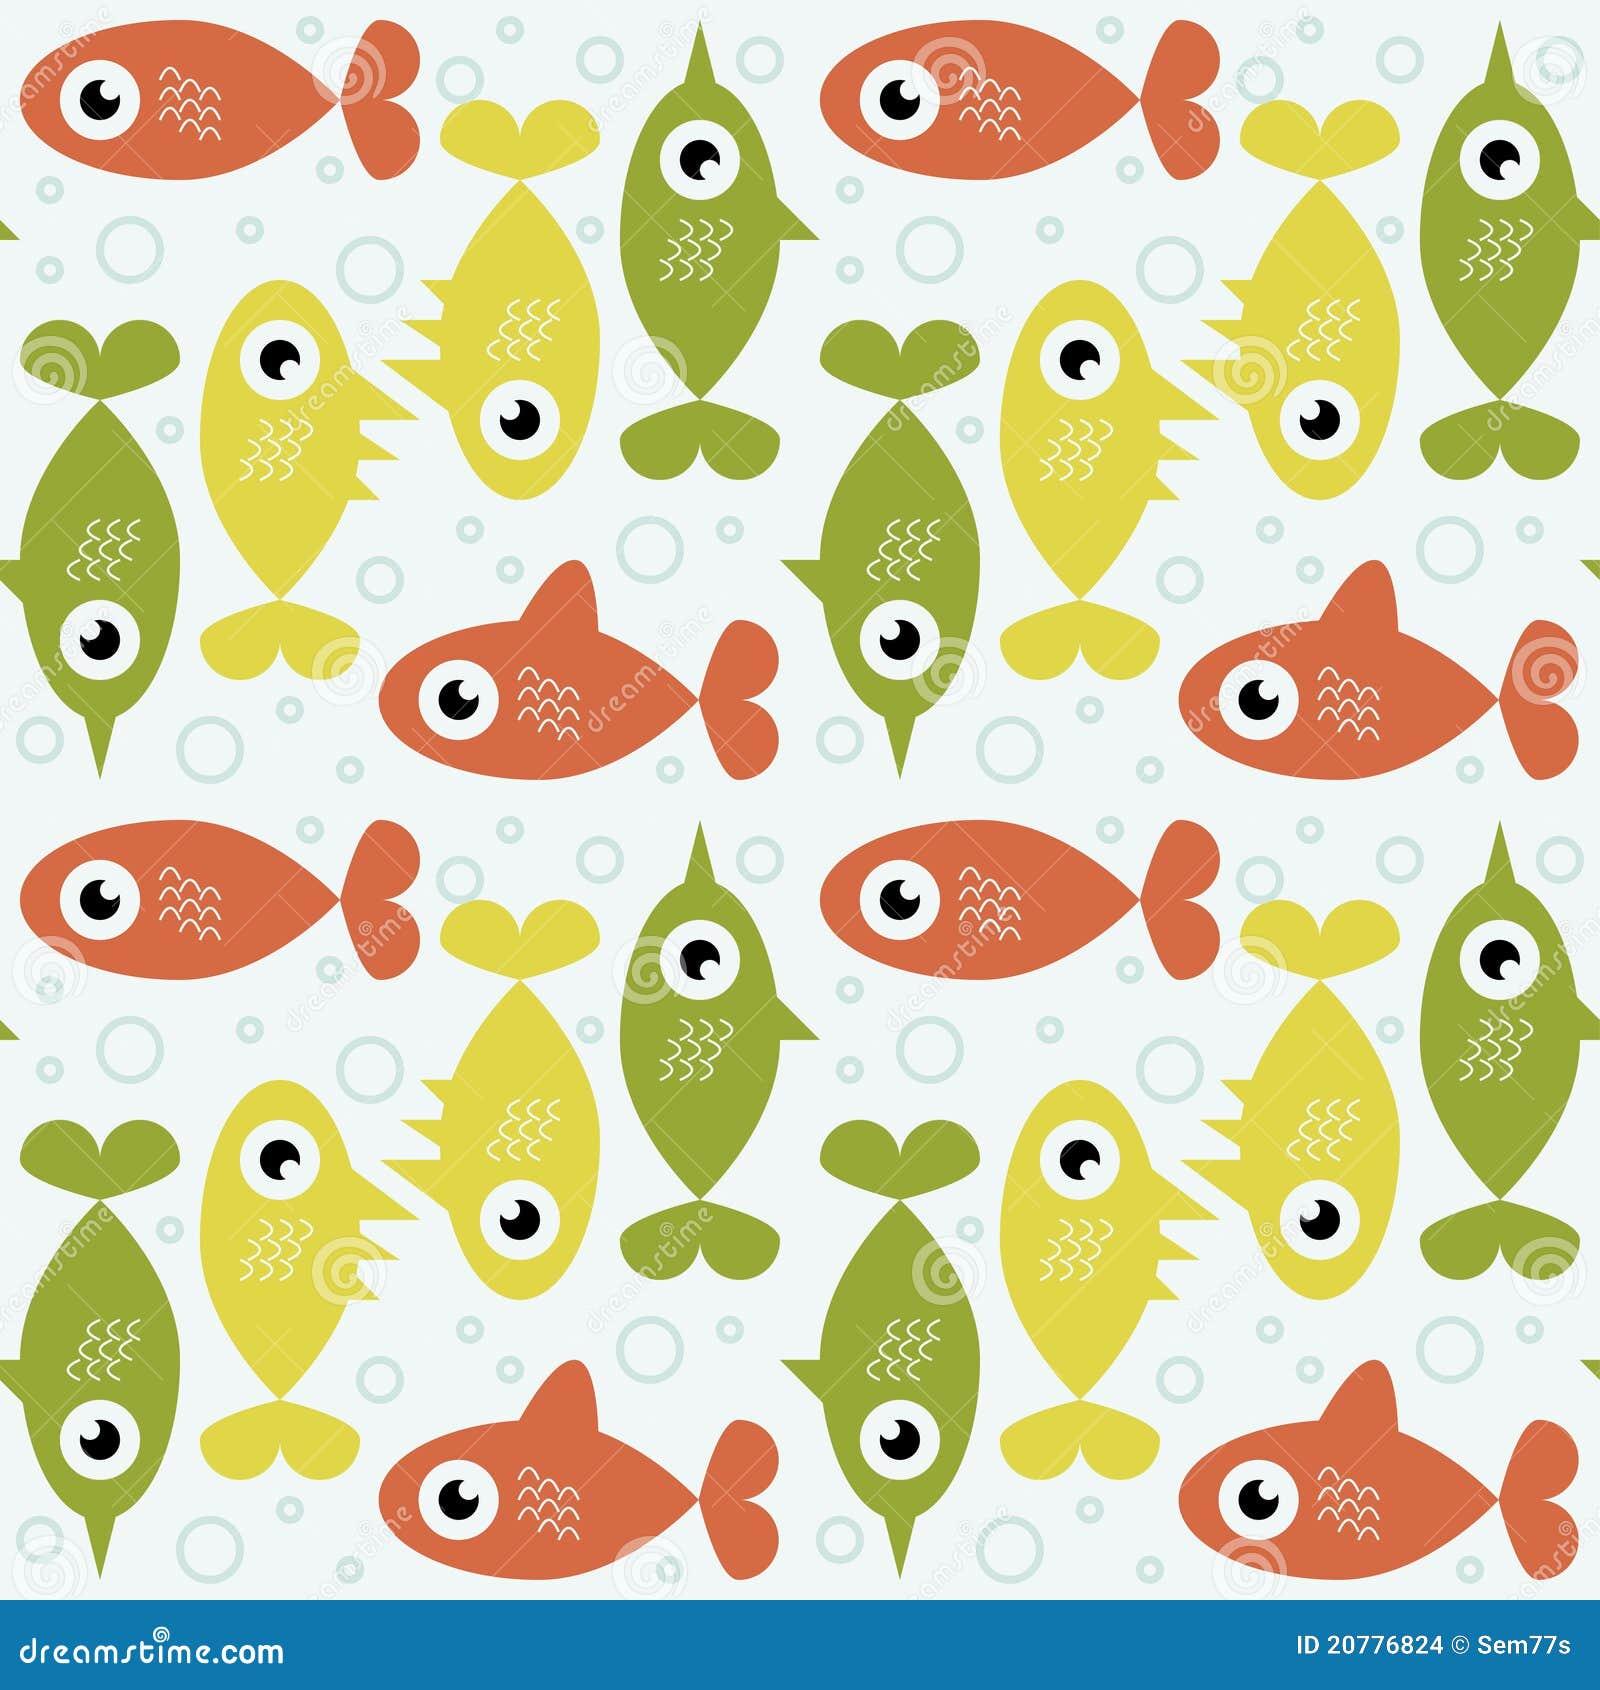 Retro Fish Background Stock Images - Image: 20776824